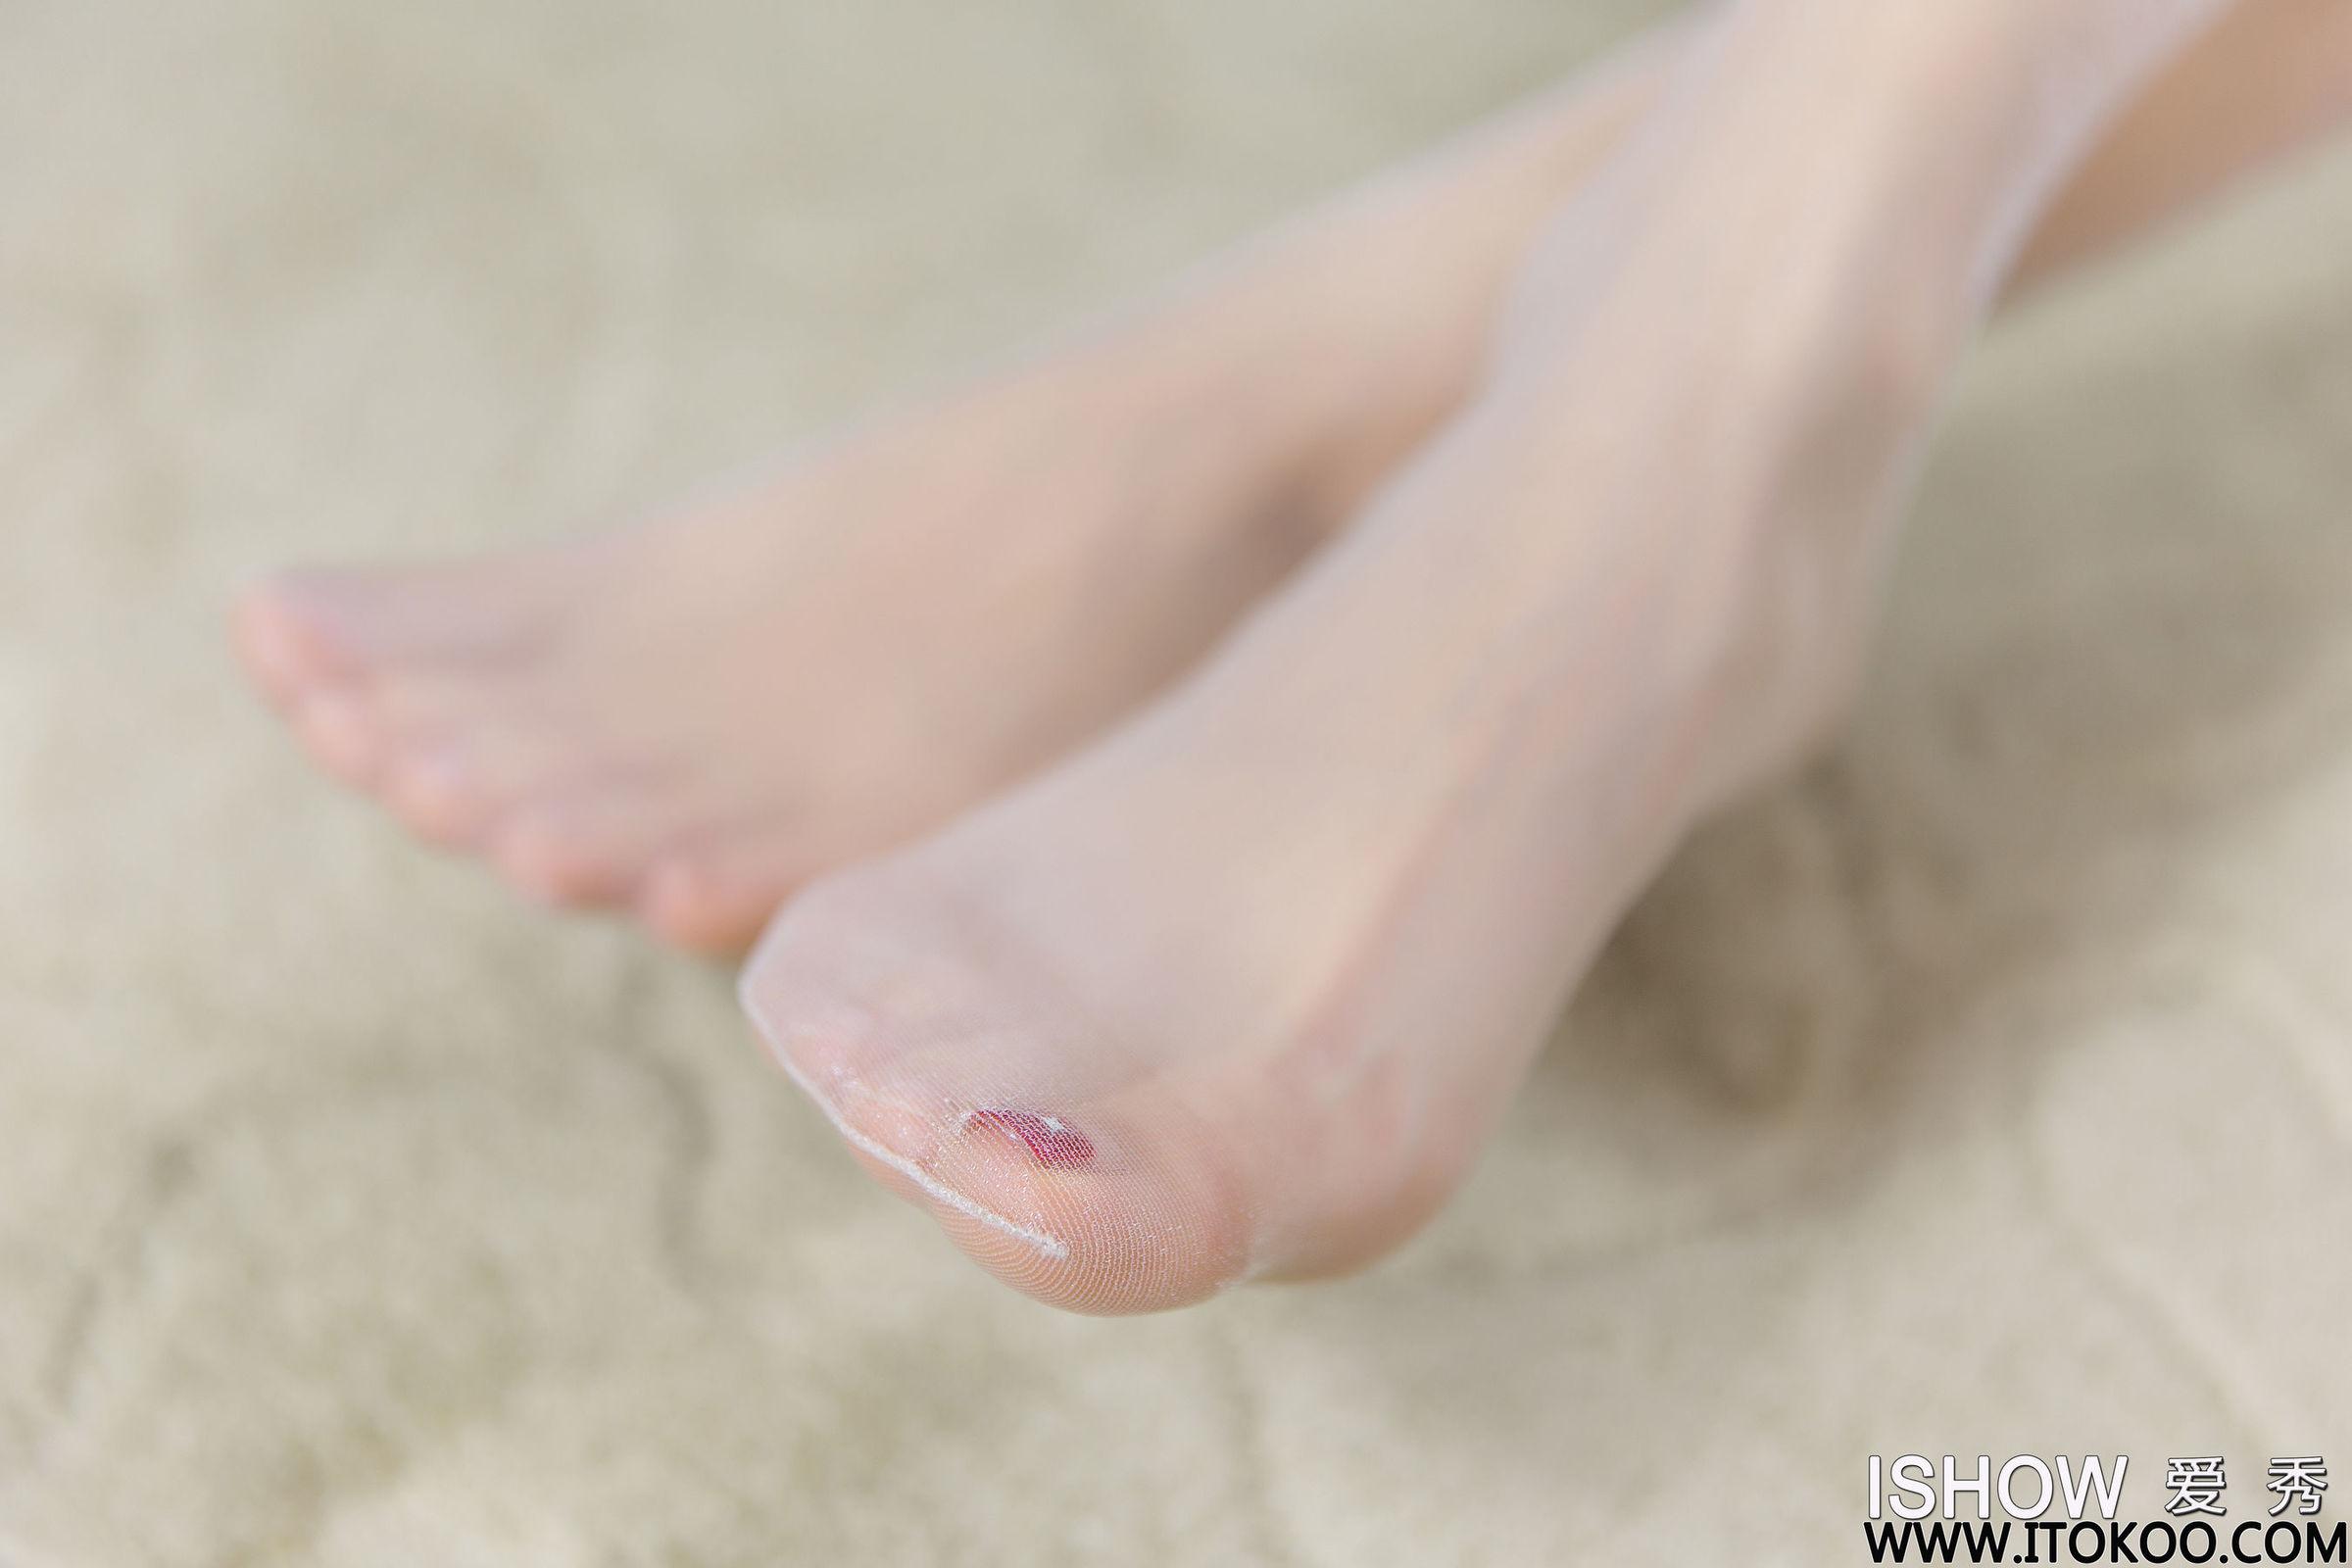 小凡 丝袜美腿写真套图